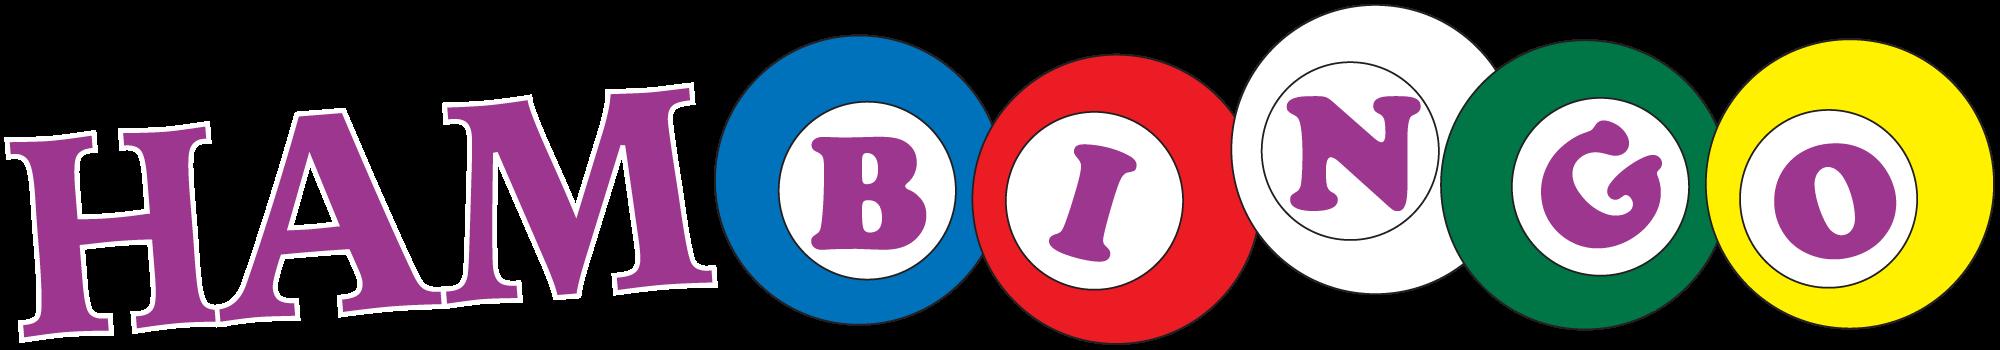 hambingo bingo balls